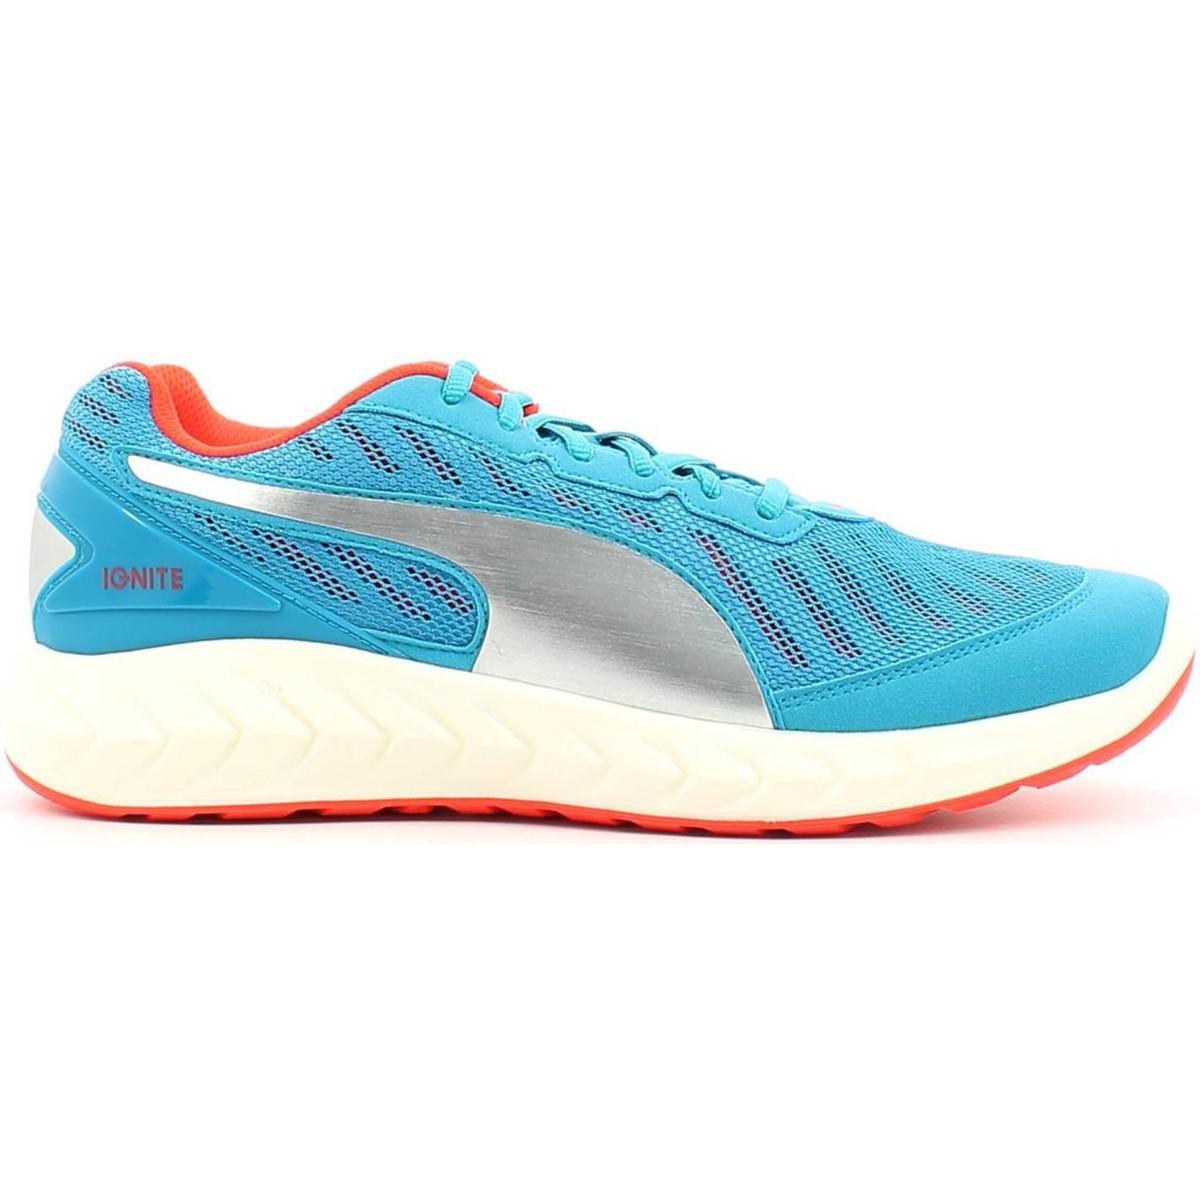 New Puma 188605 Sport Shoes Celeste Celeste Sports Shoes for Men Sale